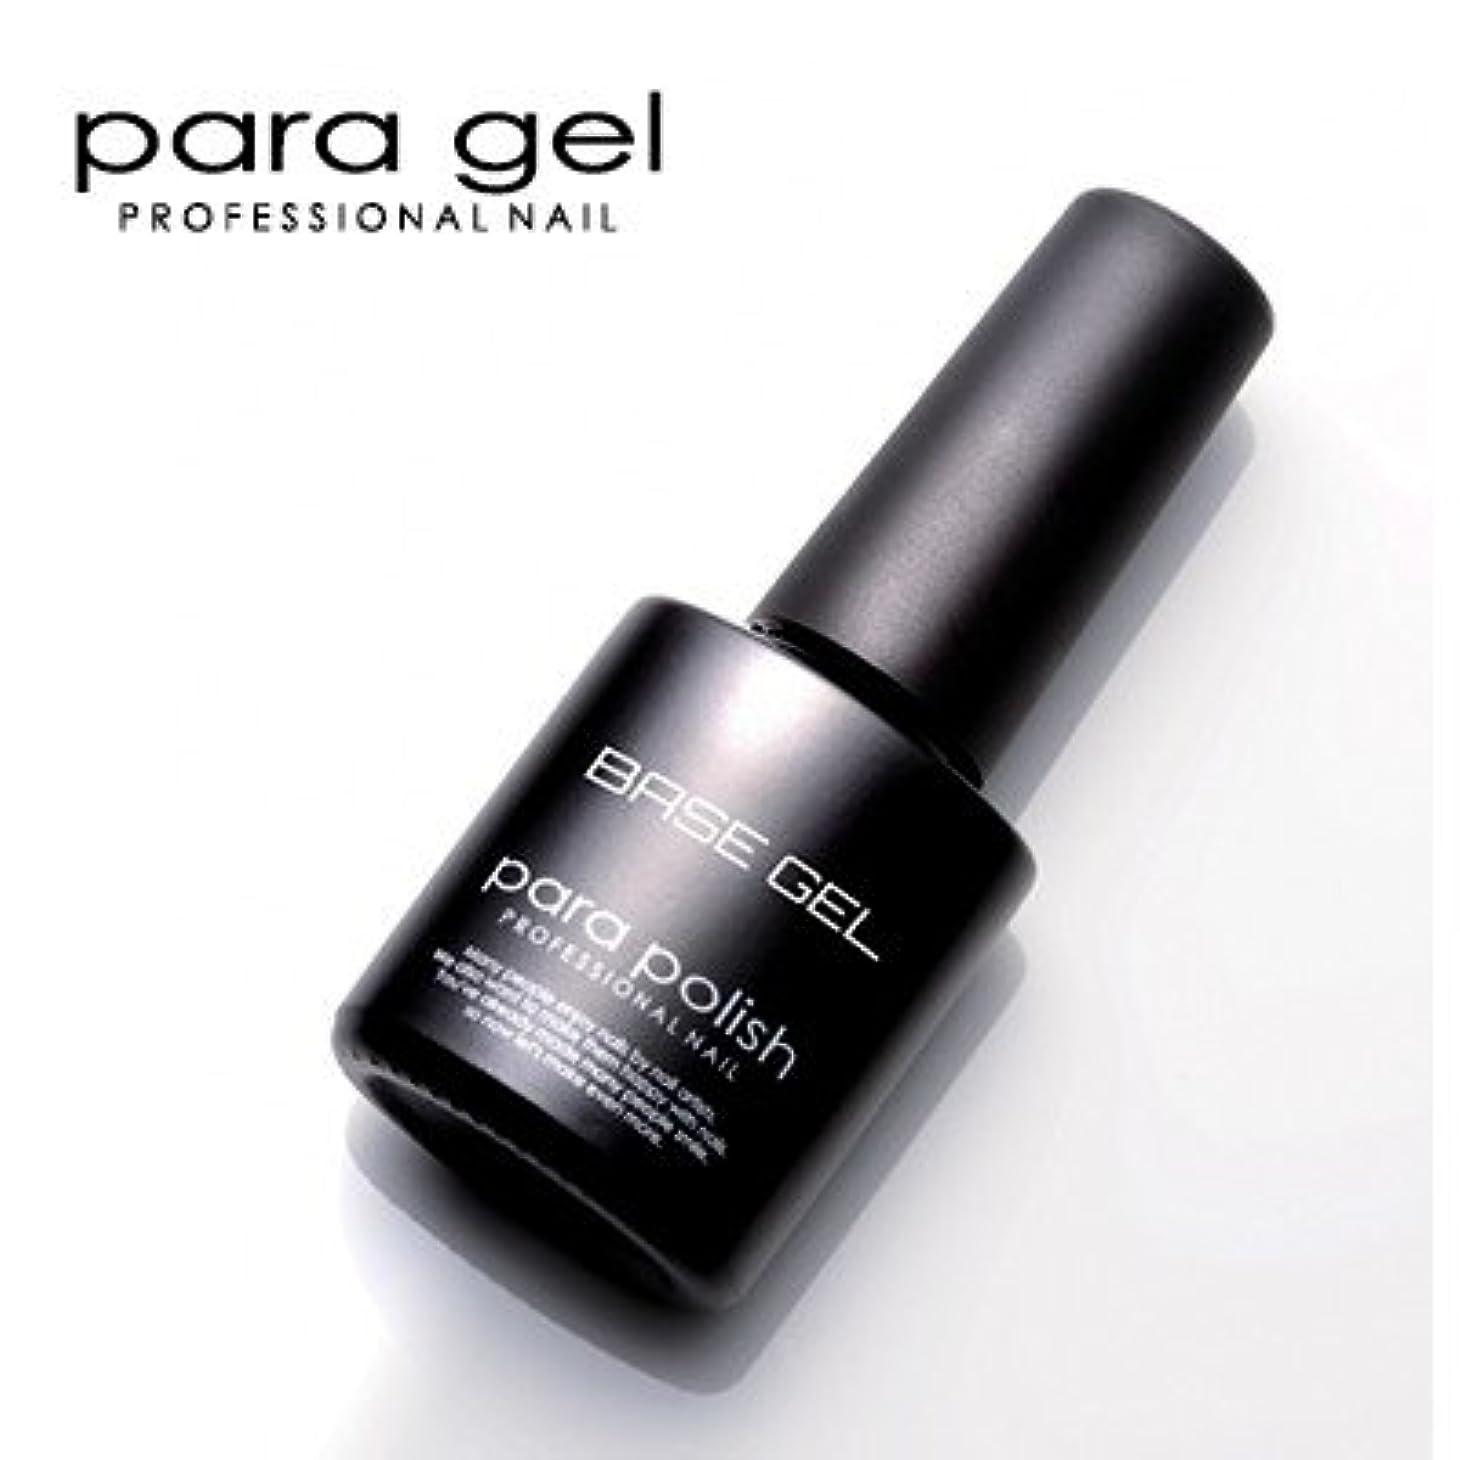 防止可聴レースパラジェル para polish(パラポリッシュ) ベースジェル 7g